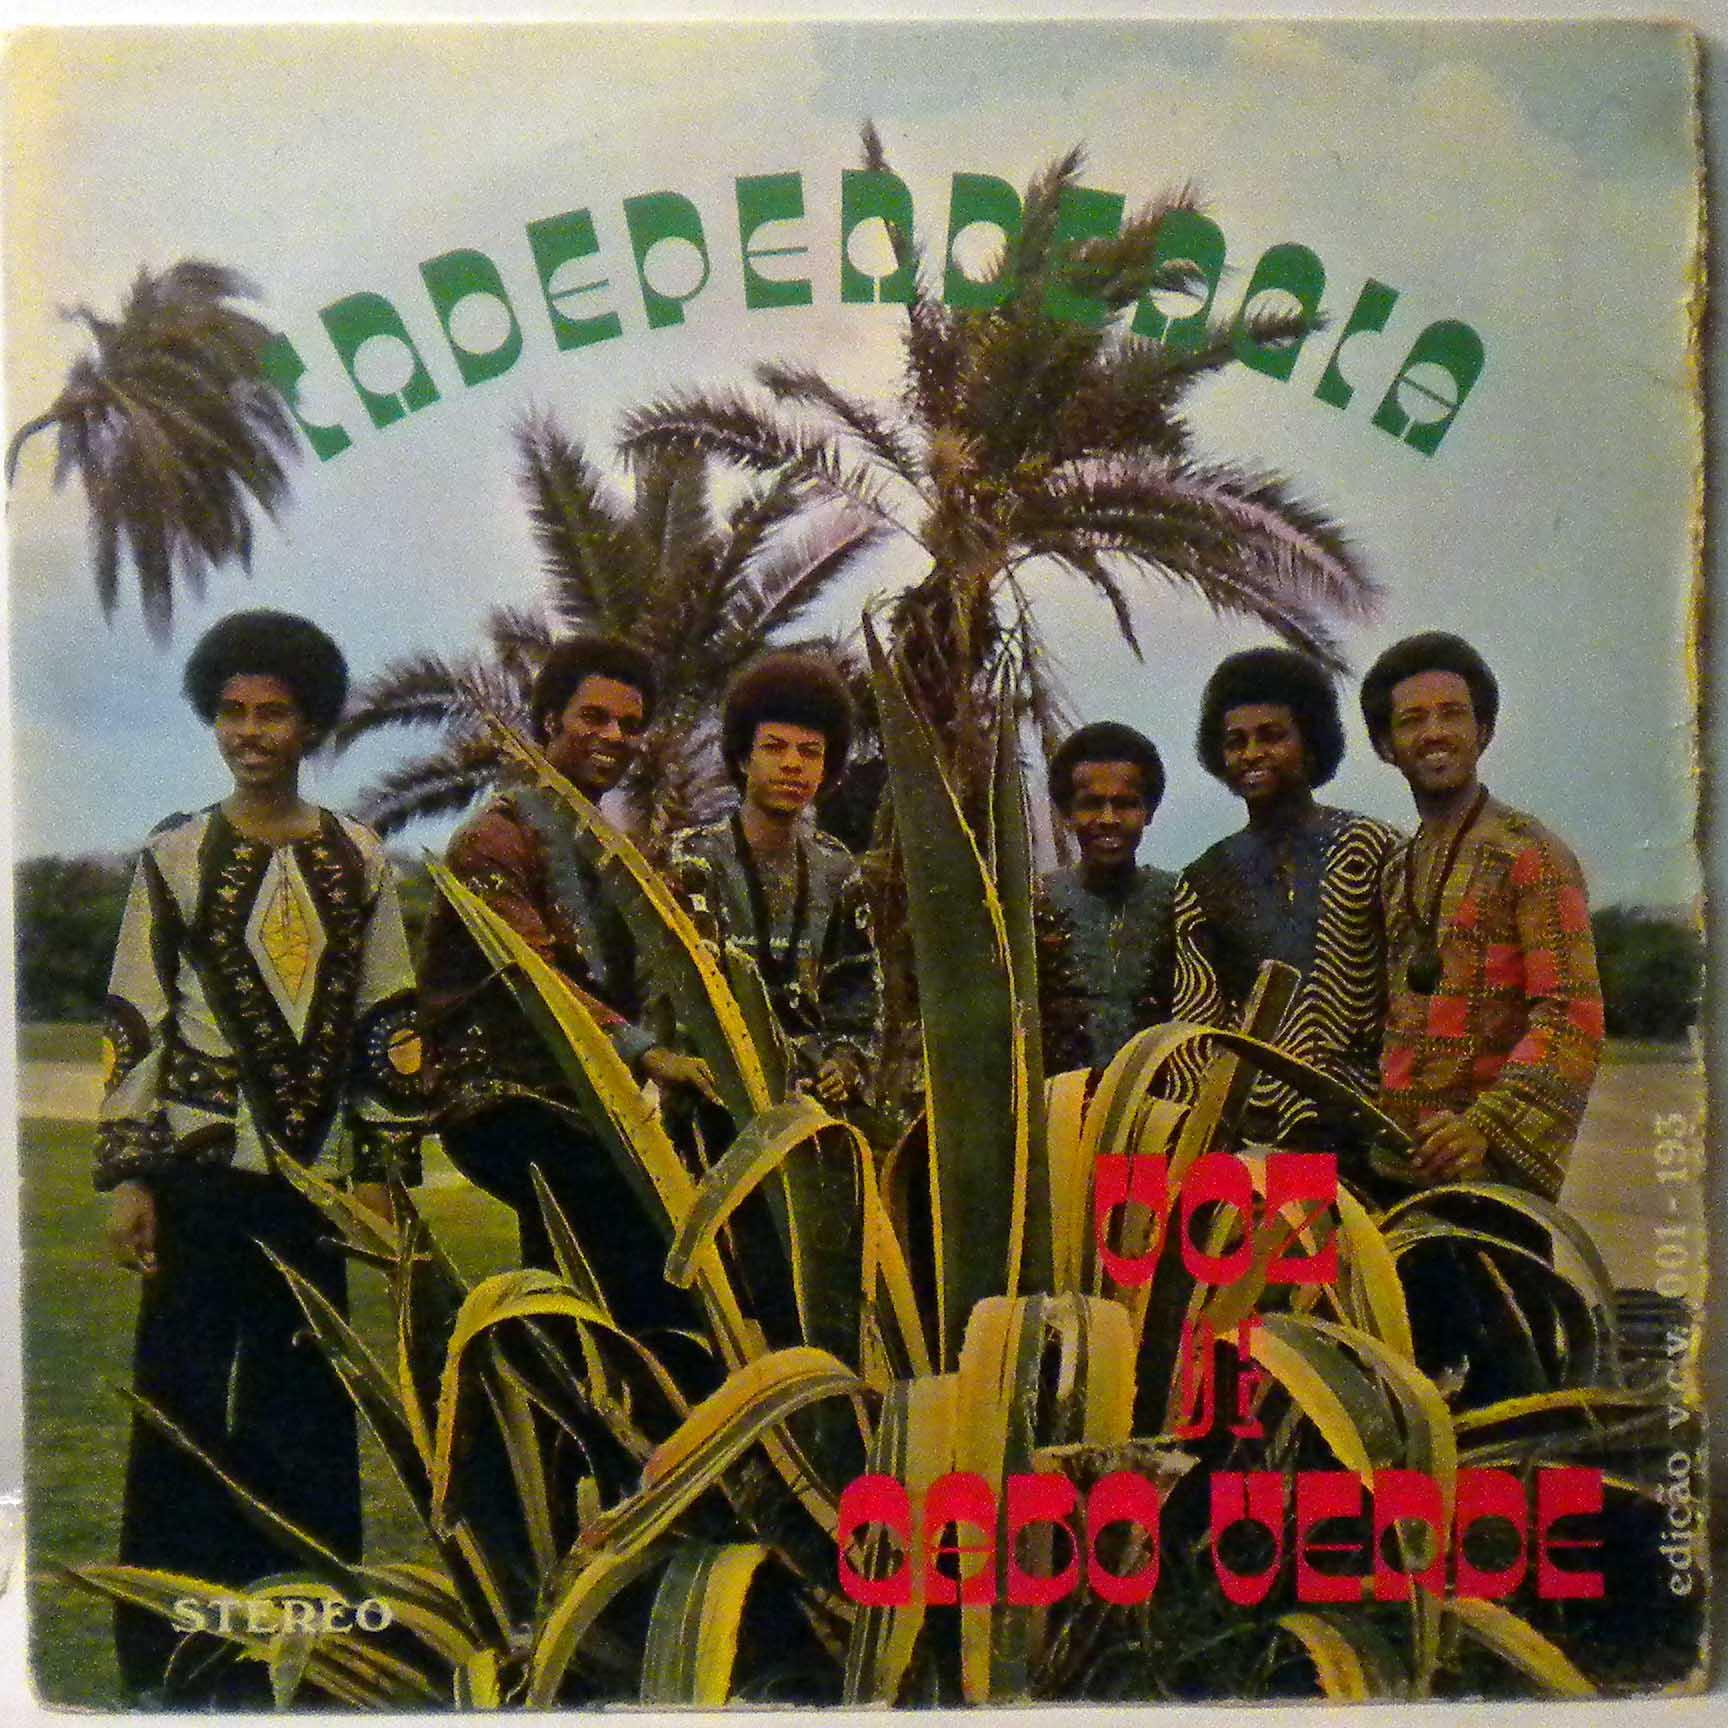 VOZ DE CABO VERDE - Independencia - LP